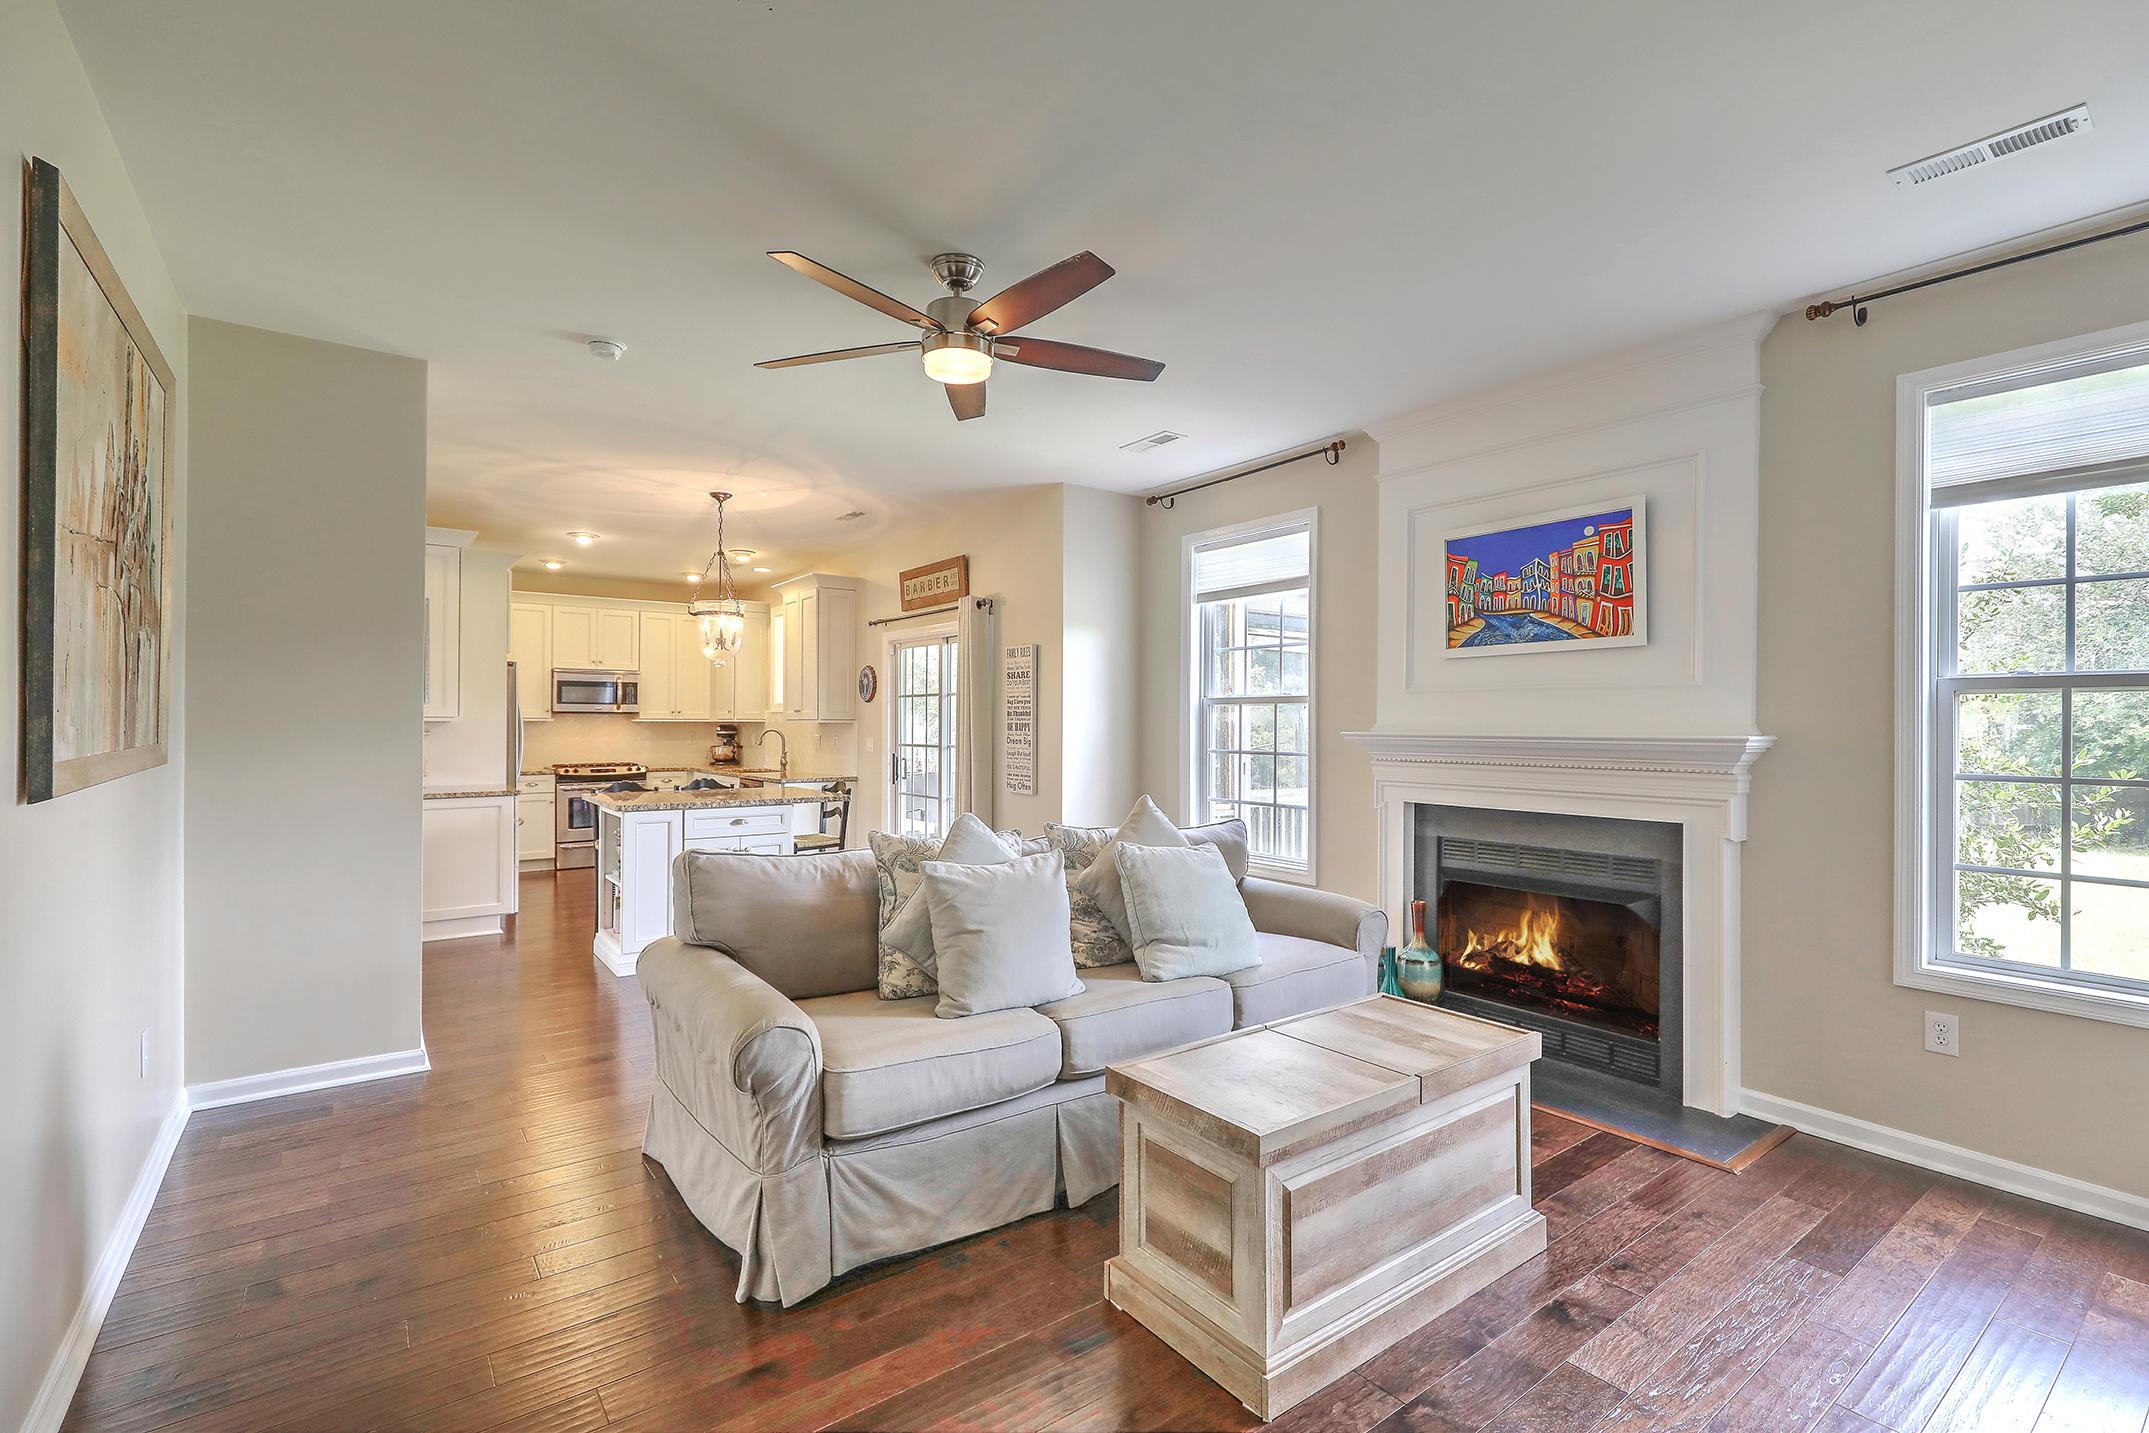 Park West Homes For Sale - 1676 Jorrington, Mount Pleasant, SC - 33